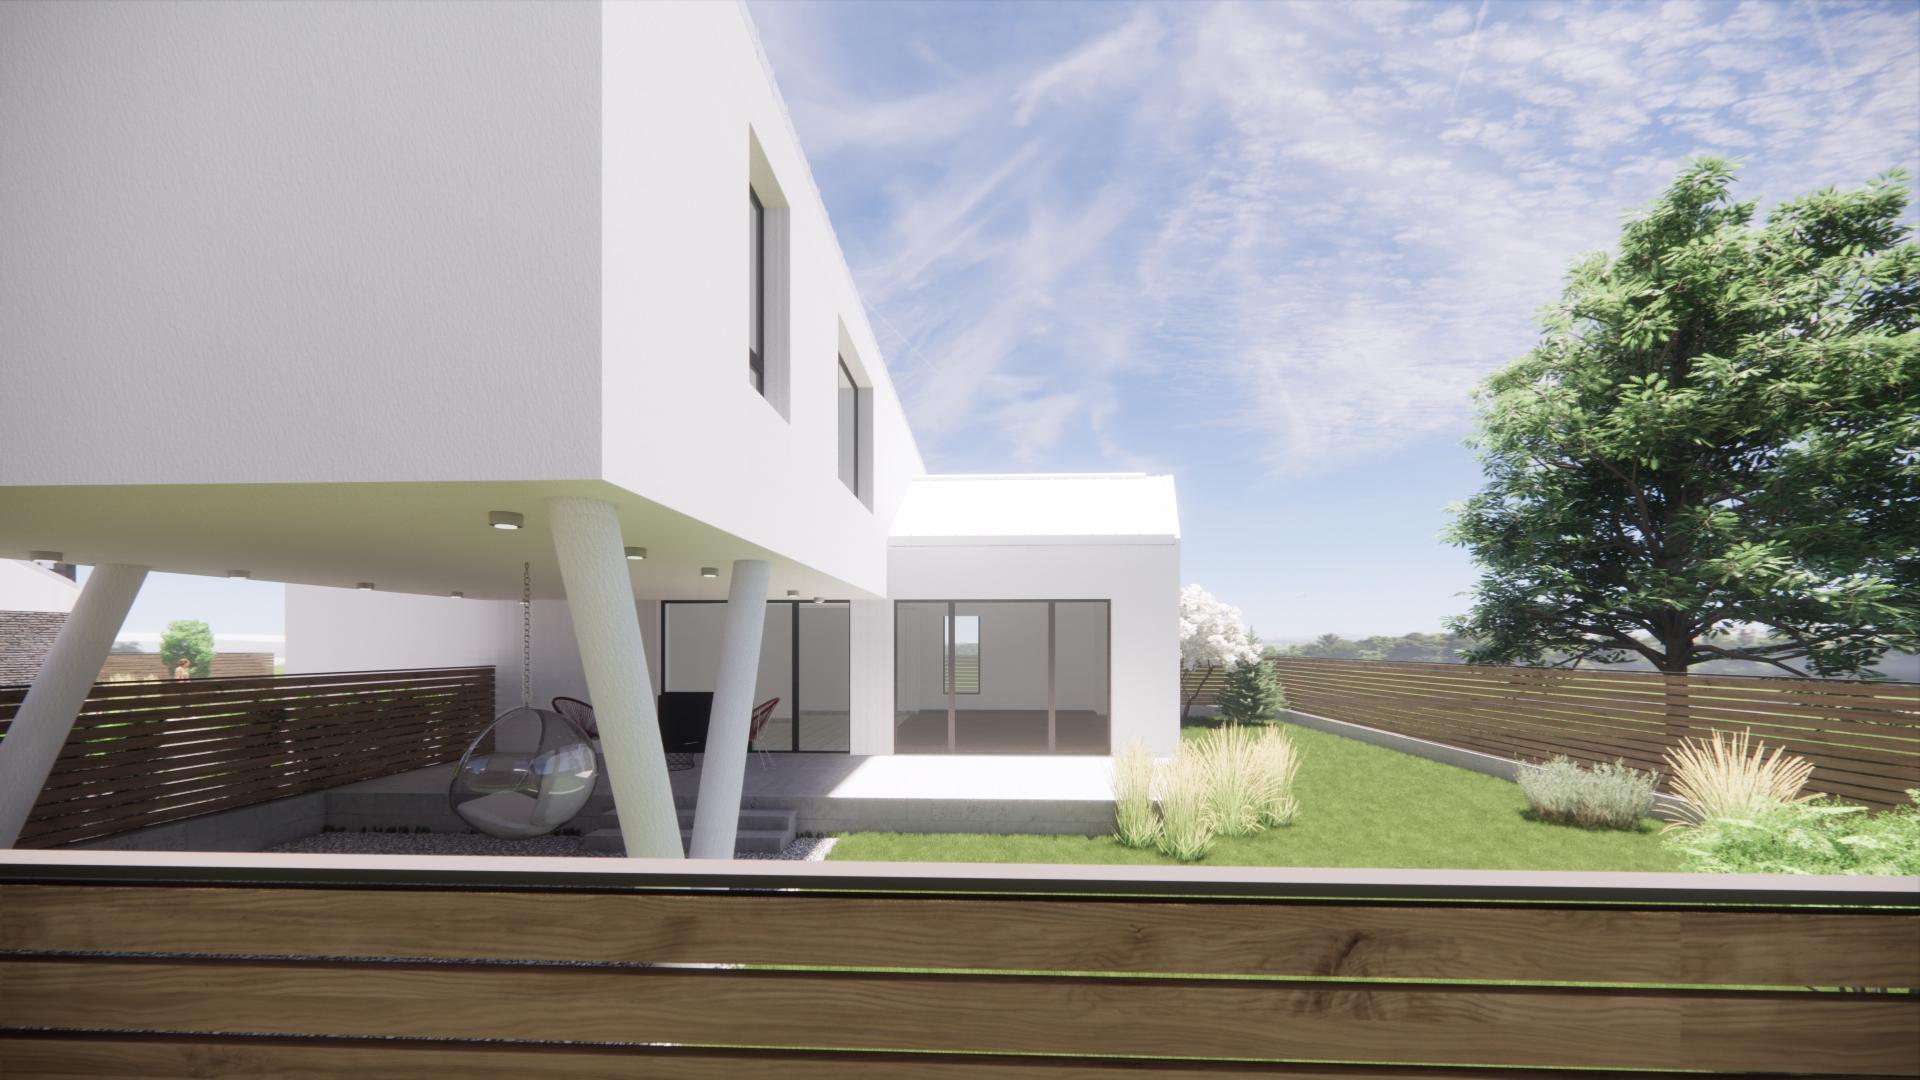 https://nbc-arhitect.ro/wp-content/uploads/2021/02/Balta-Alba-Corbeanca-15.jpg